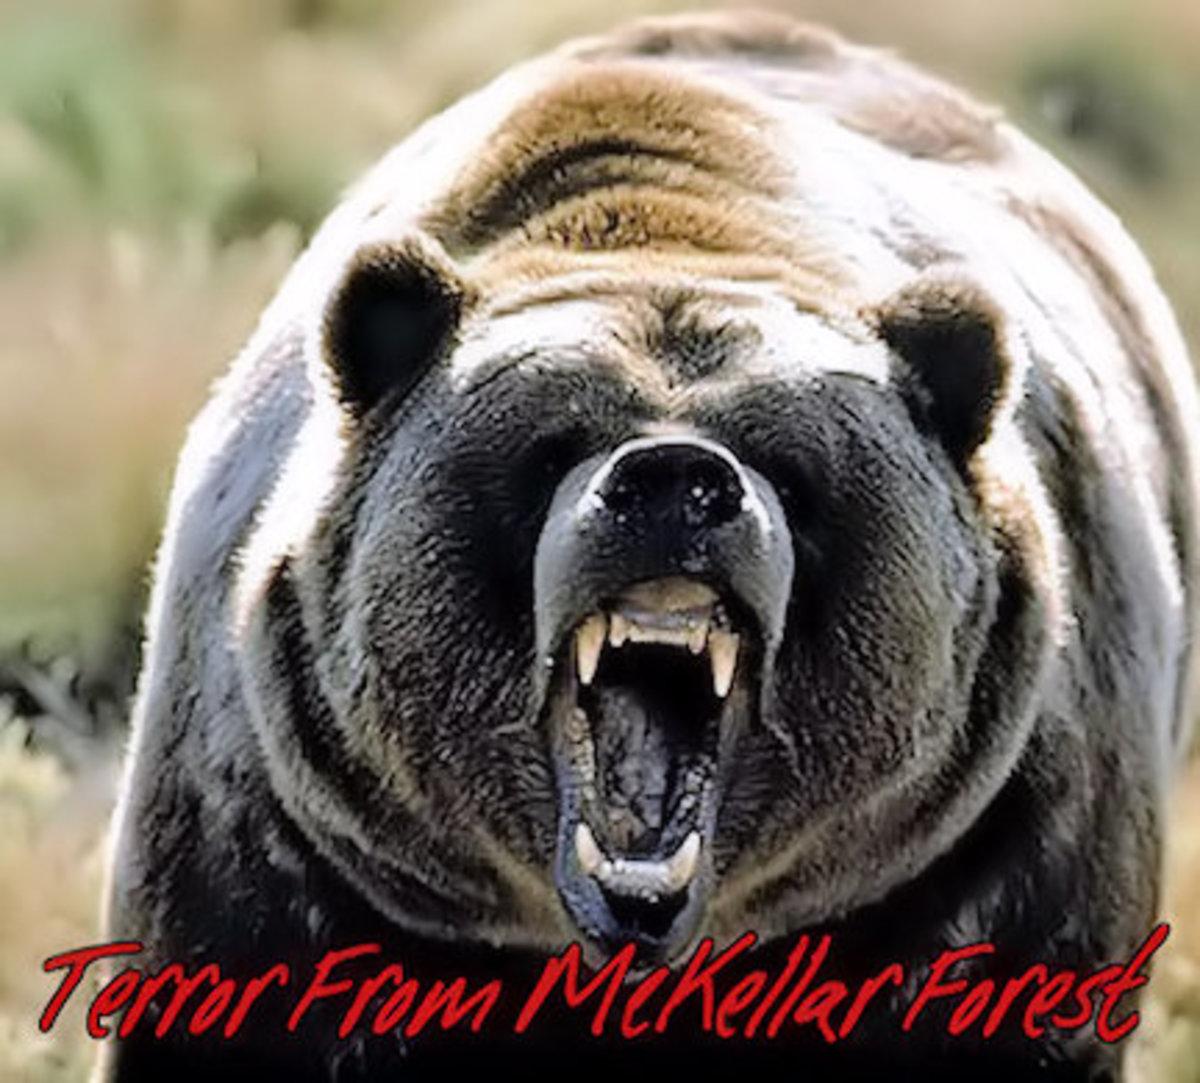 Terror From McKellar Forest 12